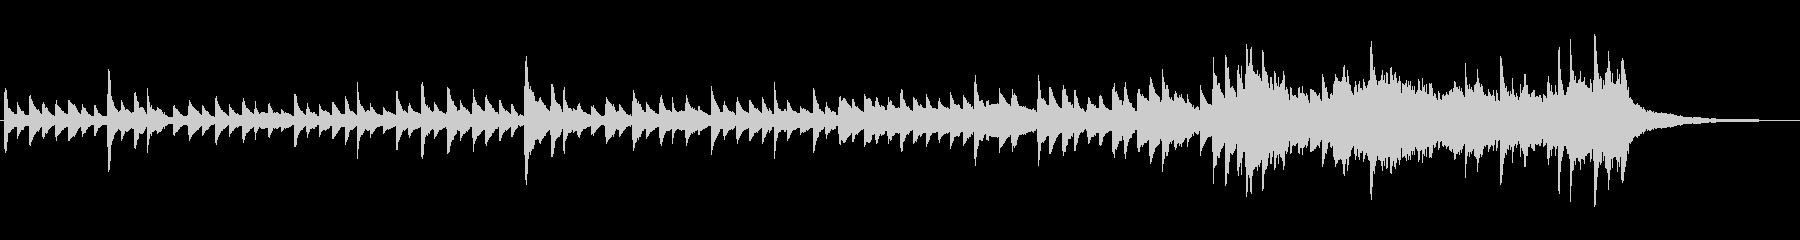 室内楽 クラシック交響曲 あたたか...の未再生の波形